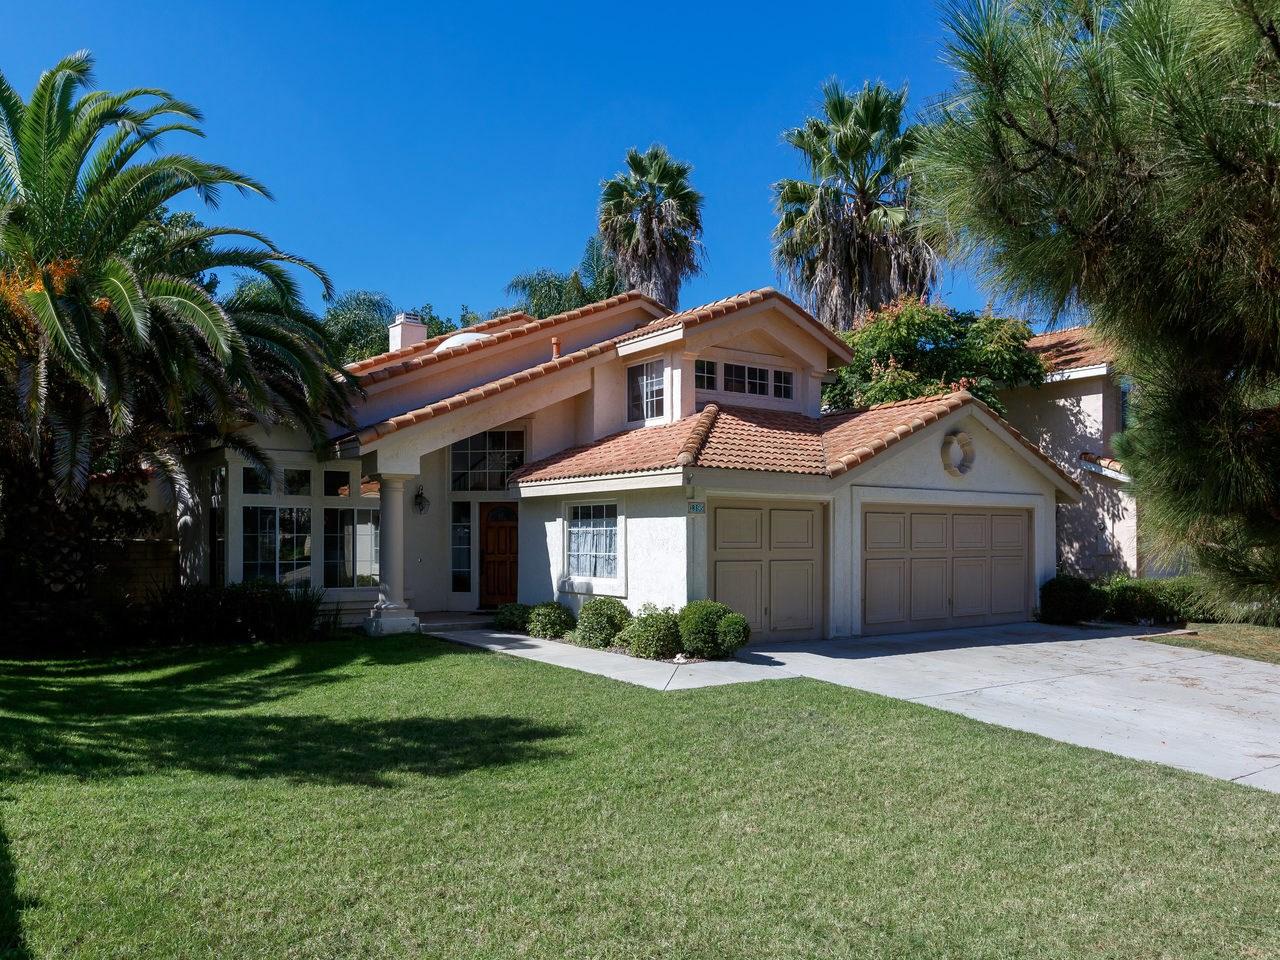 1395 Corte Magna, Oceanside, CA, 92057 Primary Photo